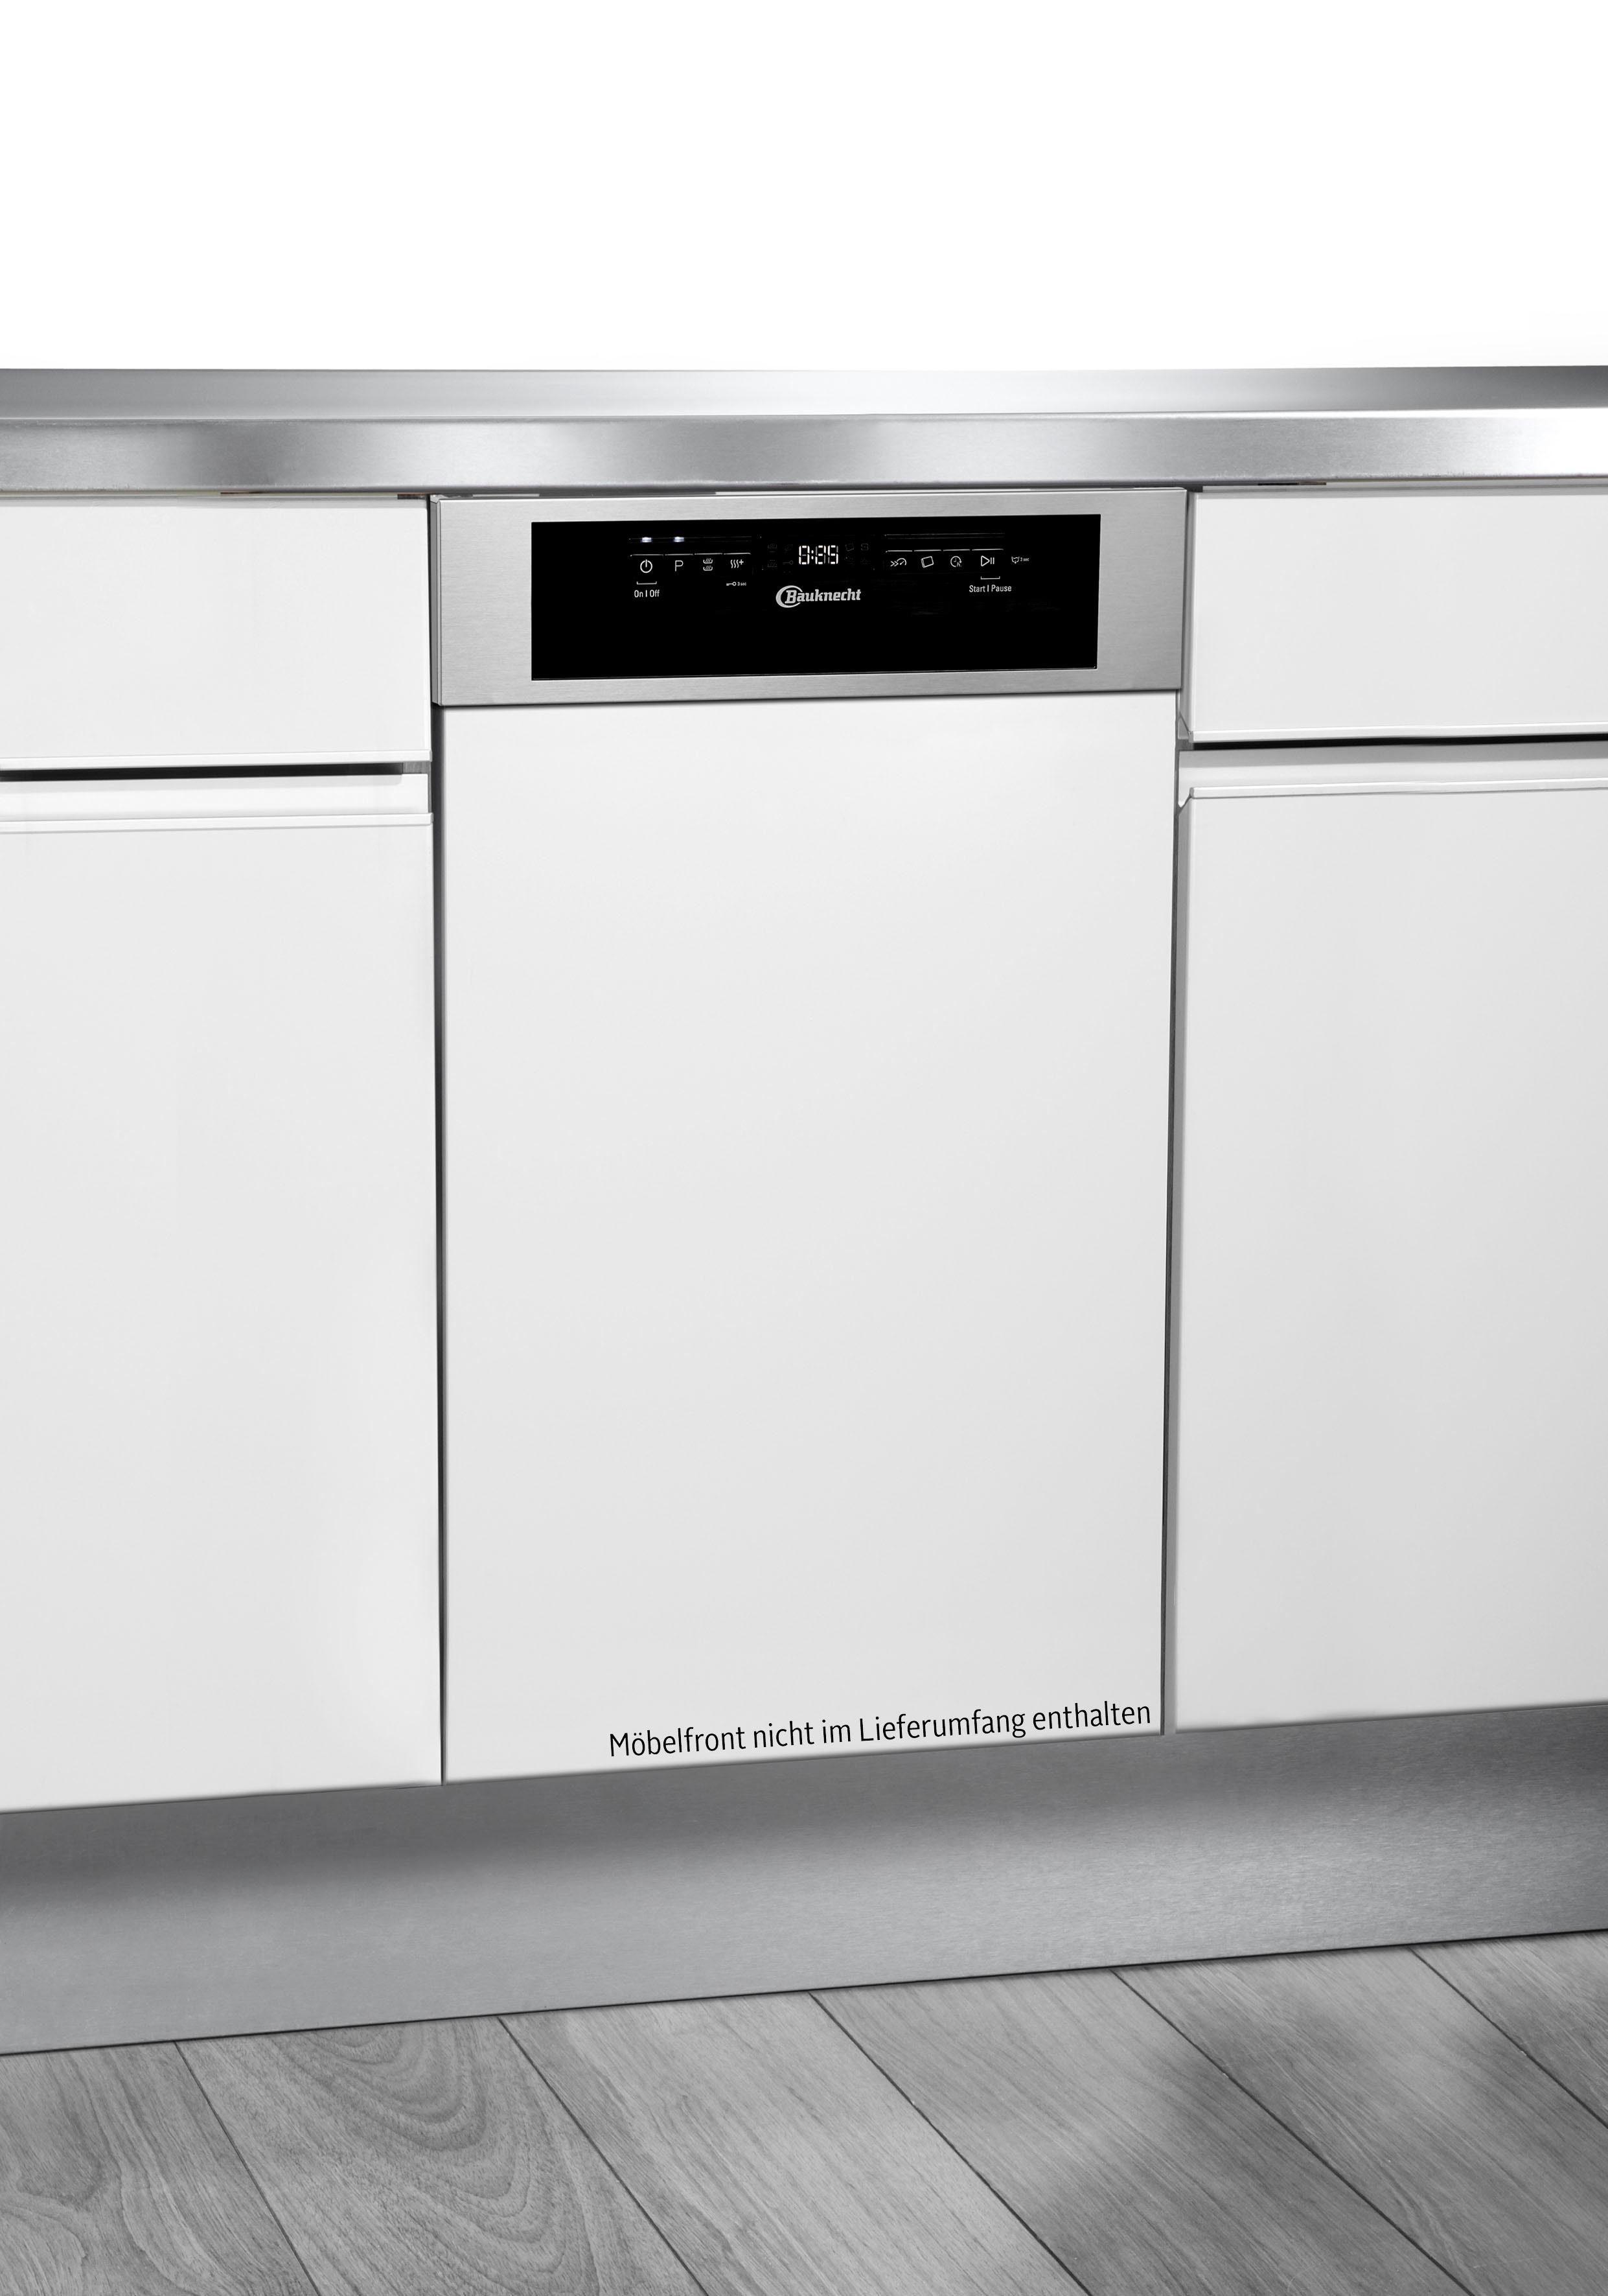 BAUKNECHT teilintegrierbarer Geschirrspüler, GCI 826 IX, 9 l, 10 Maßgedecke, Energieeffizienzklasse A++